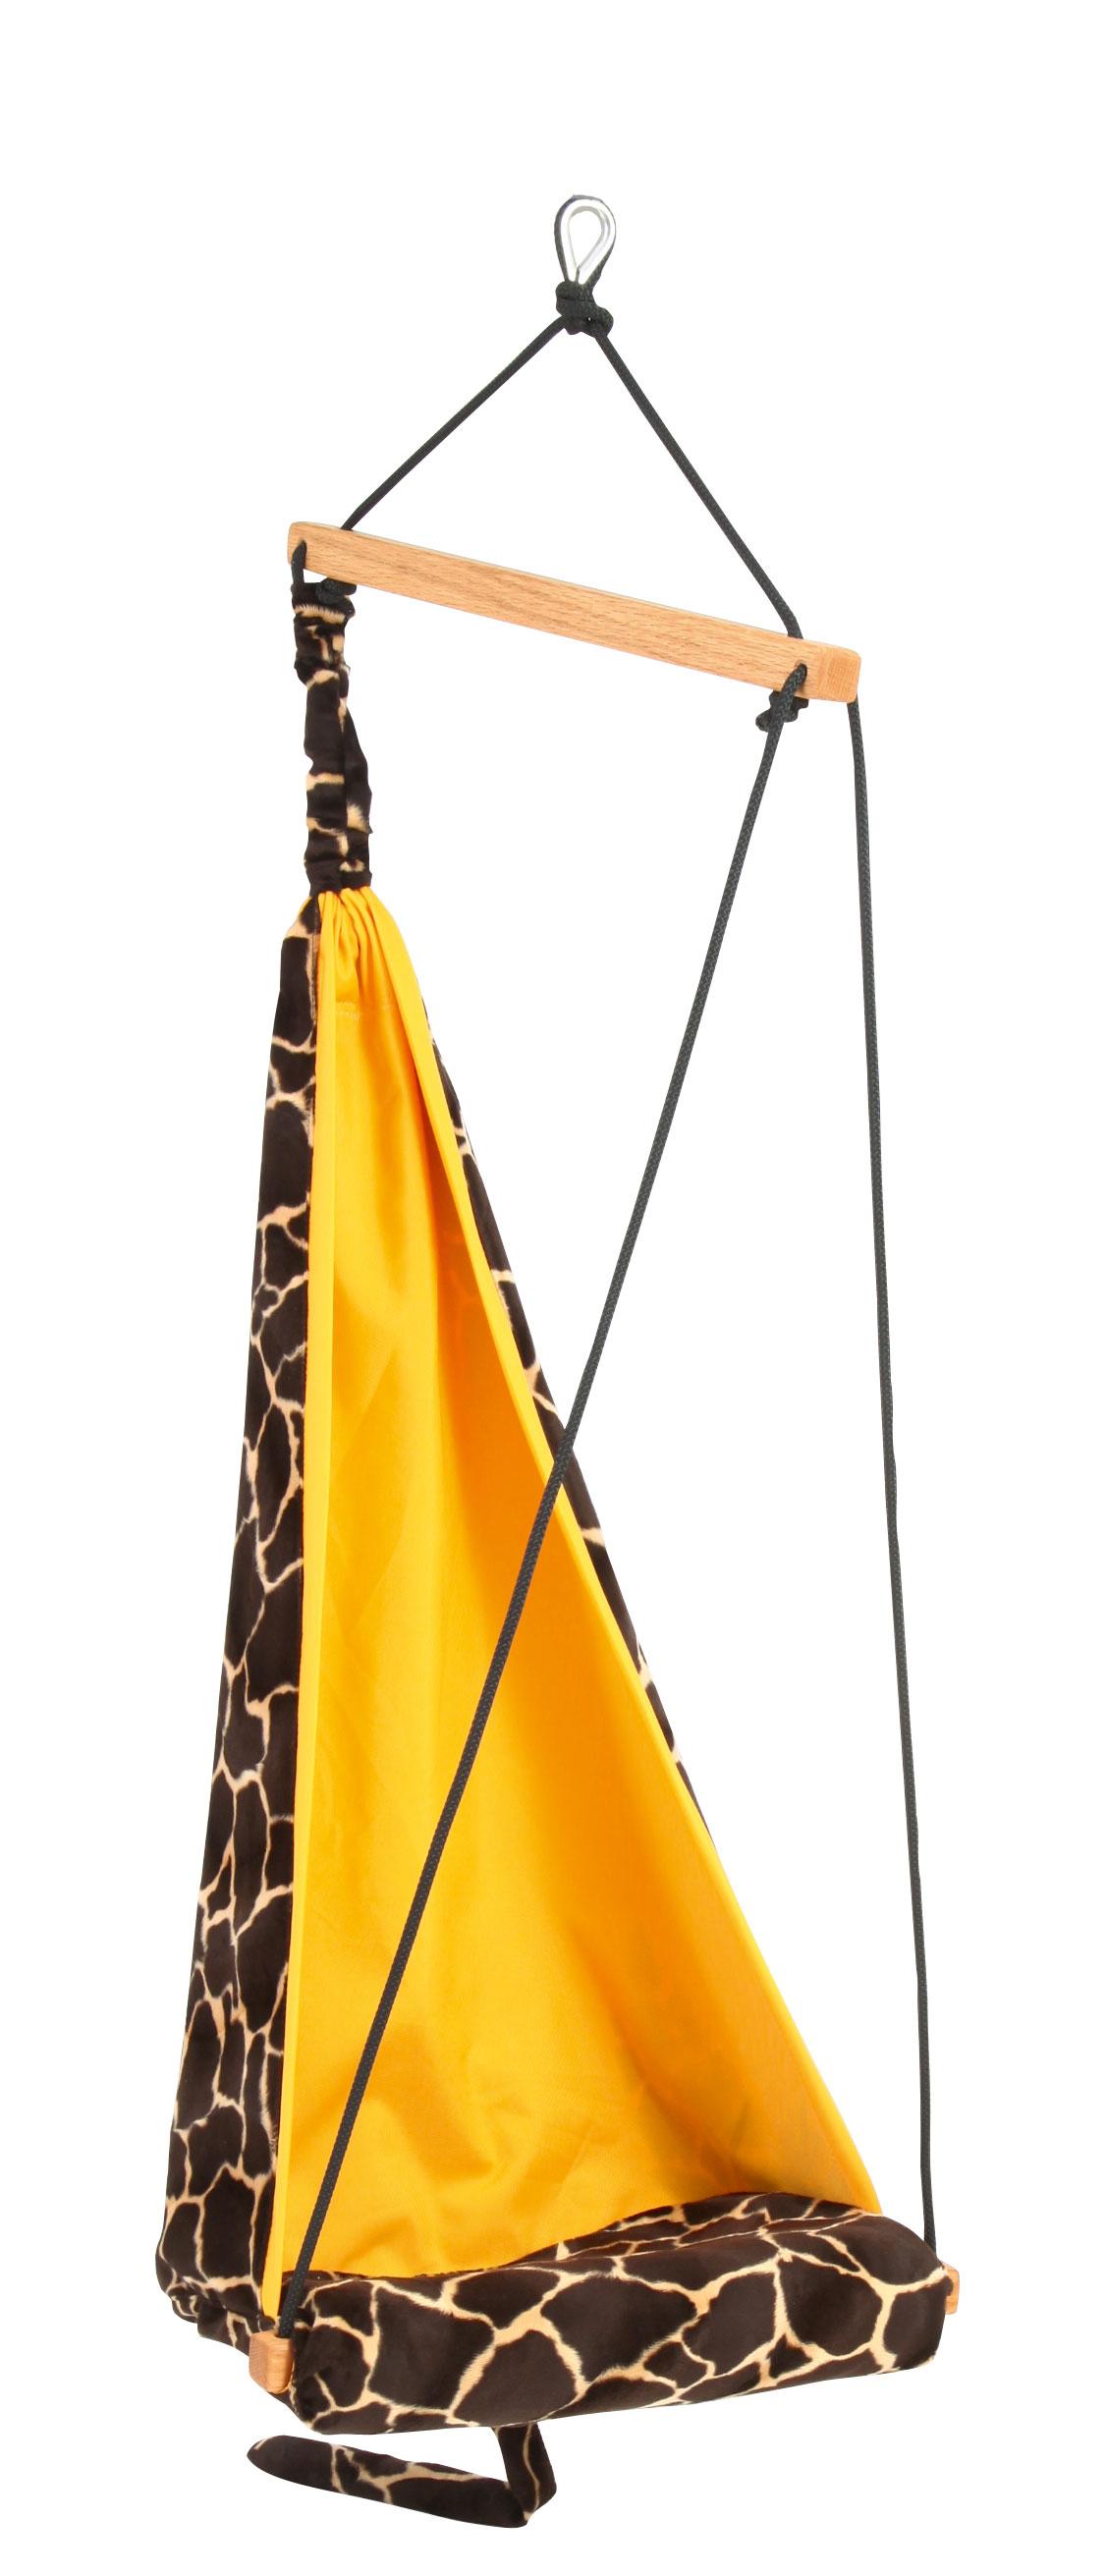 Kinderhangstoel 'Hang Mini' Giraffe - Geel - Amazonas